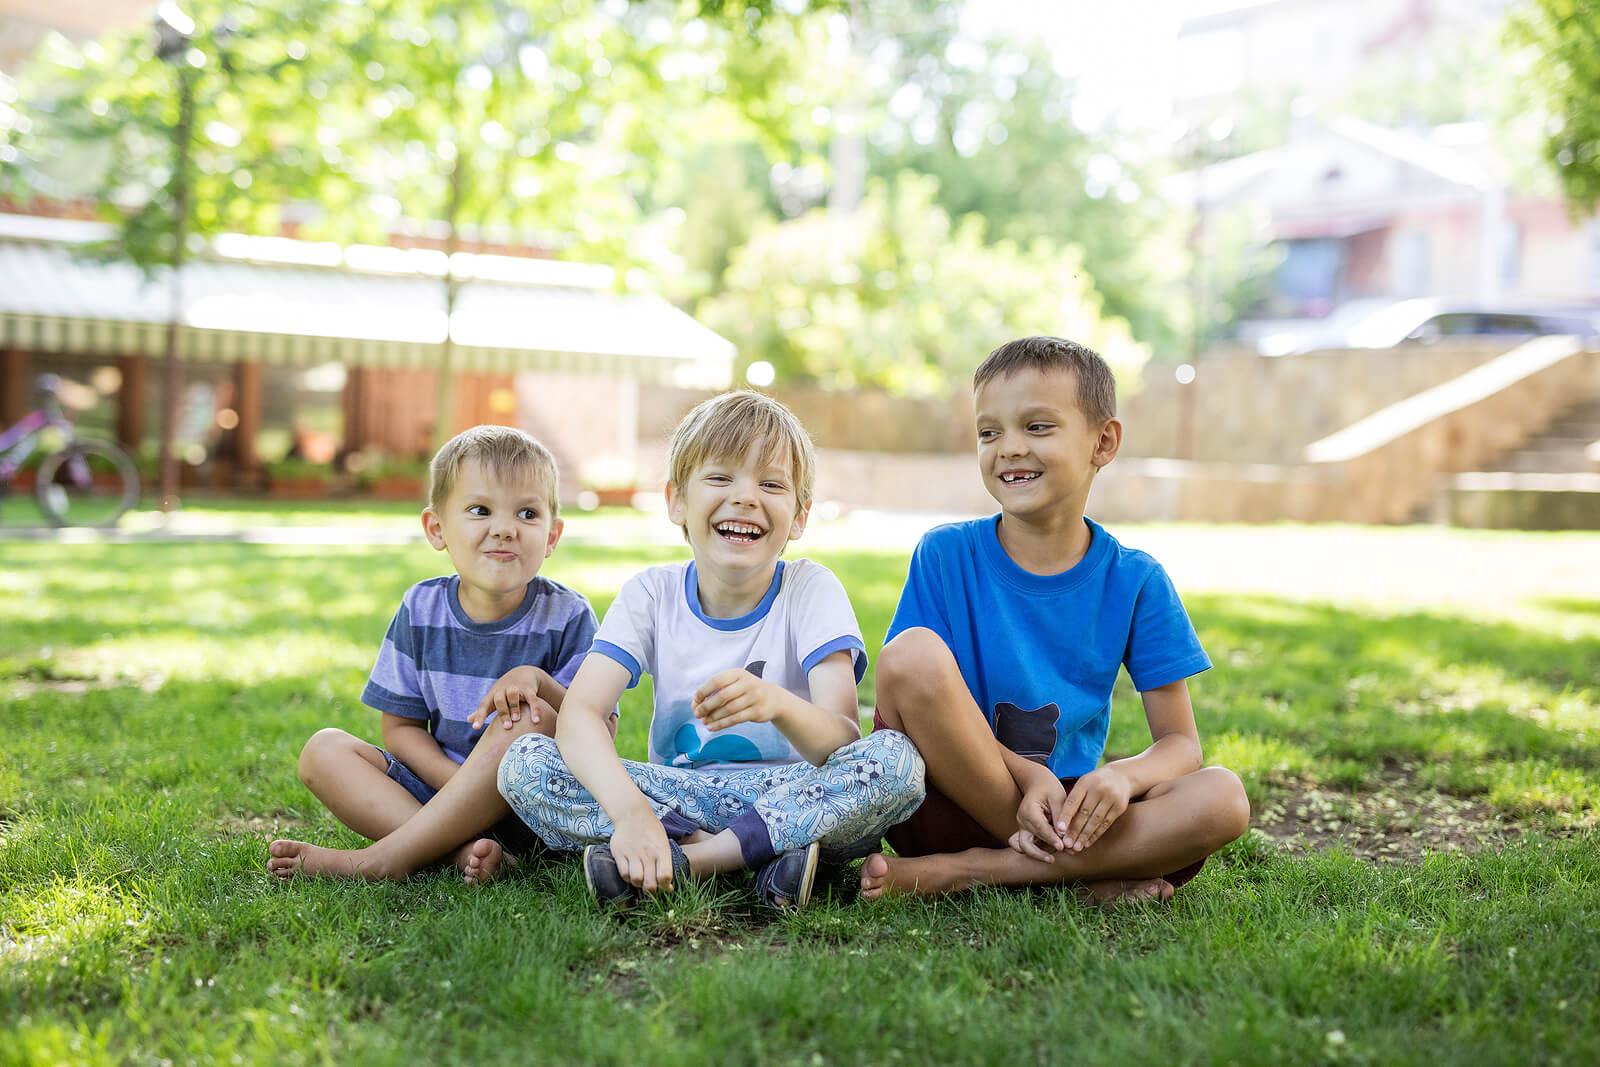 Primos pasando la tarde en el jardín de casa jugando.